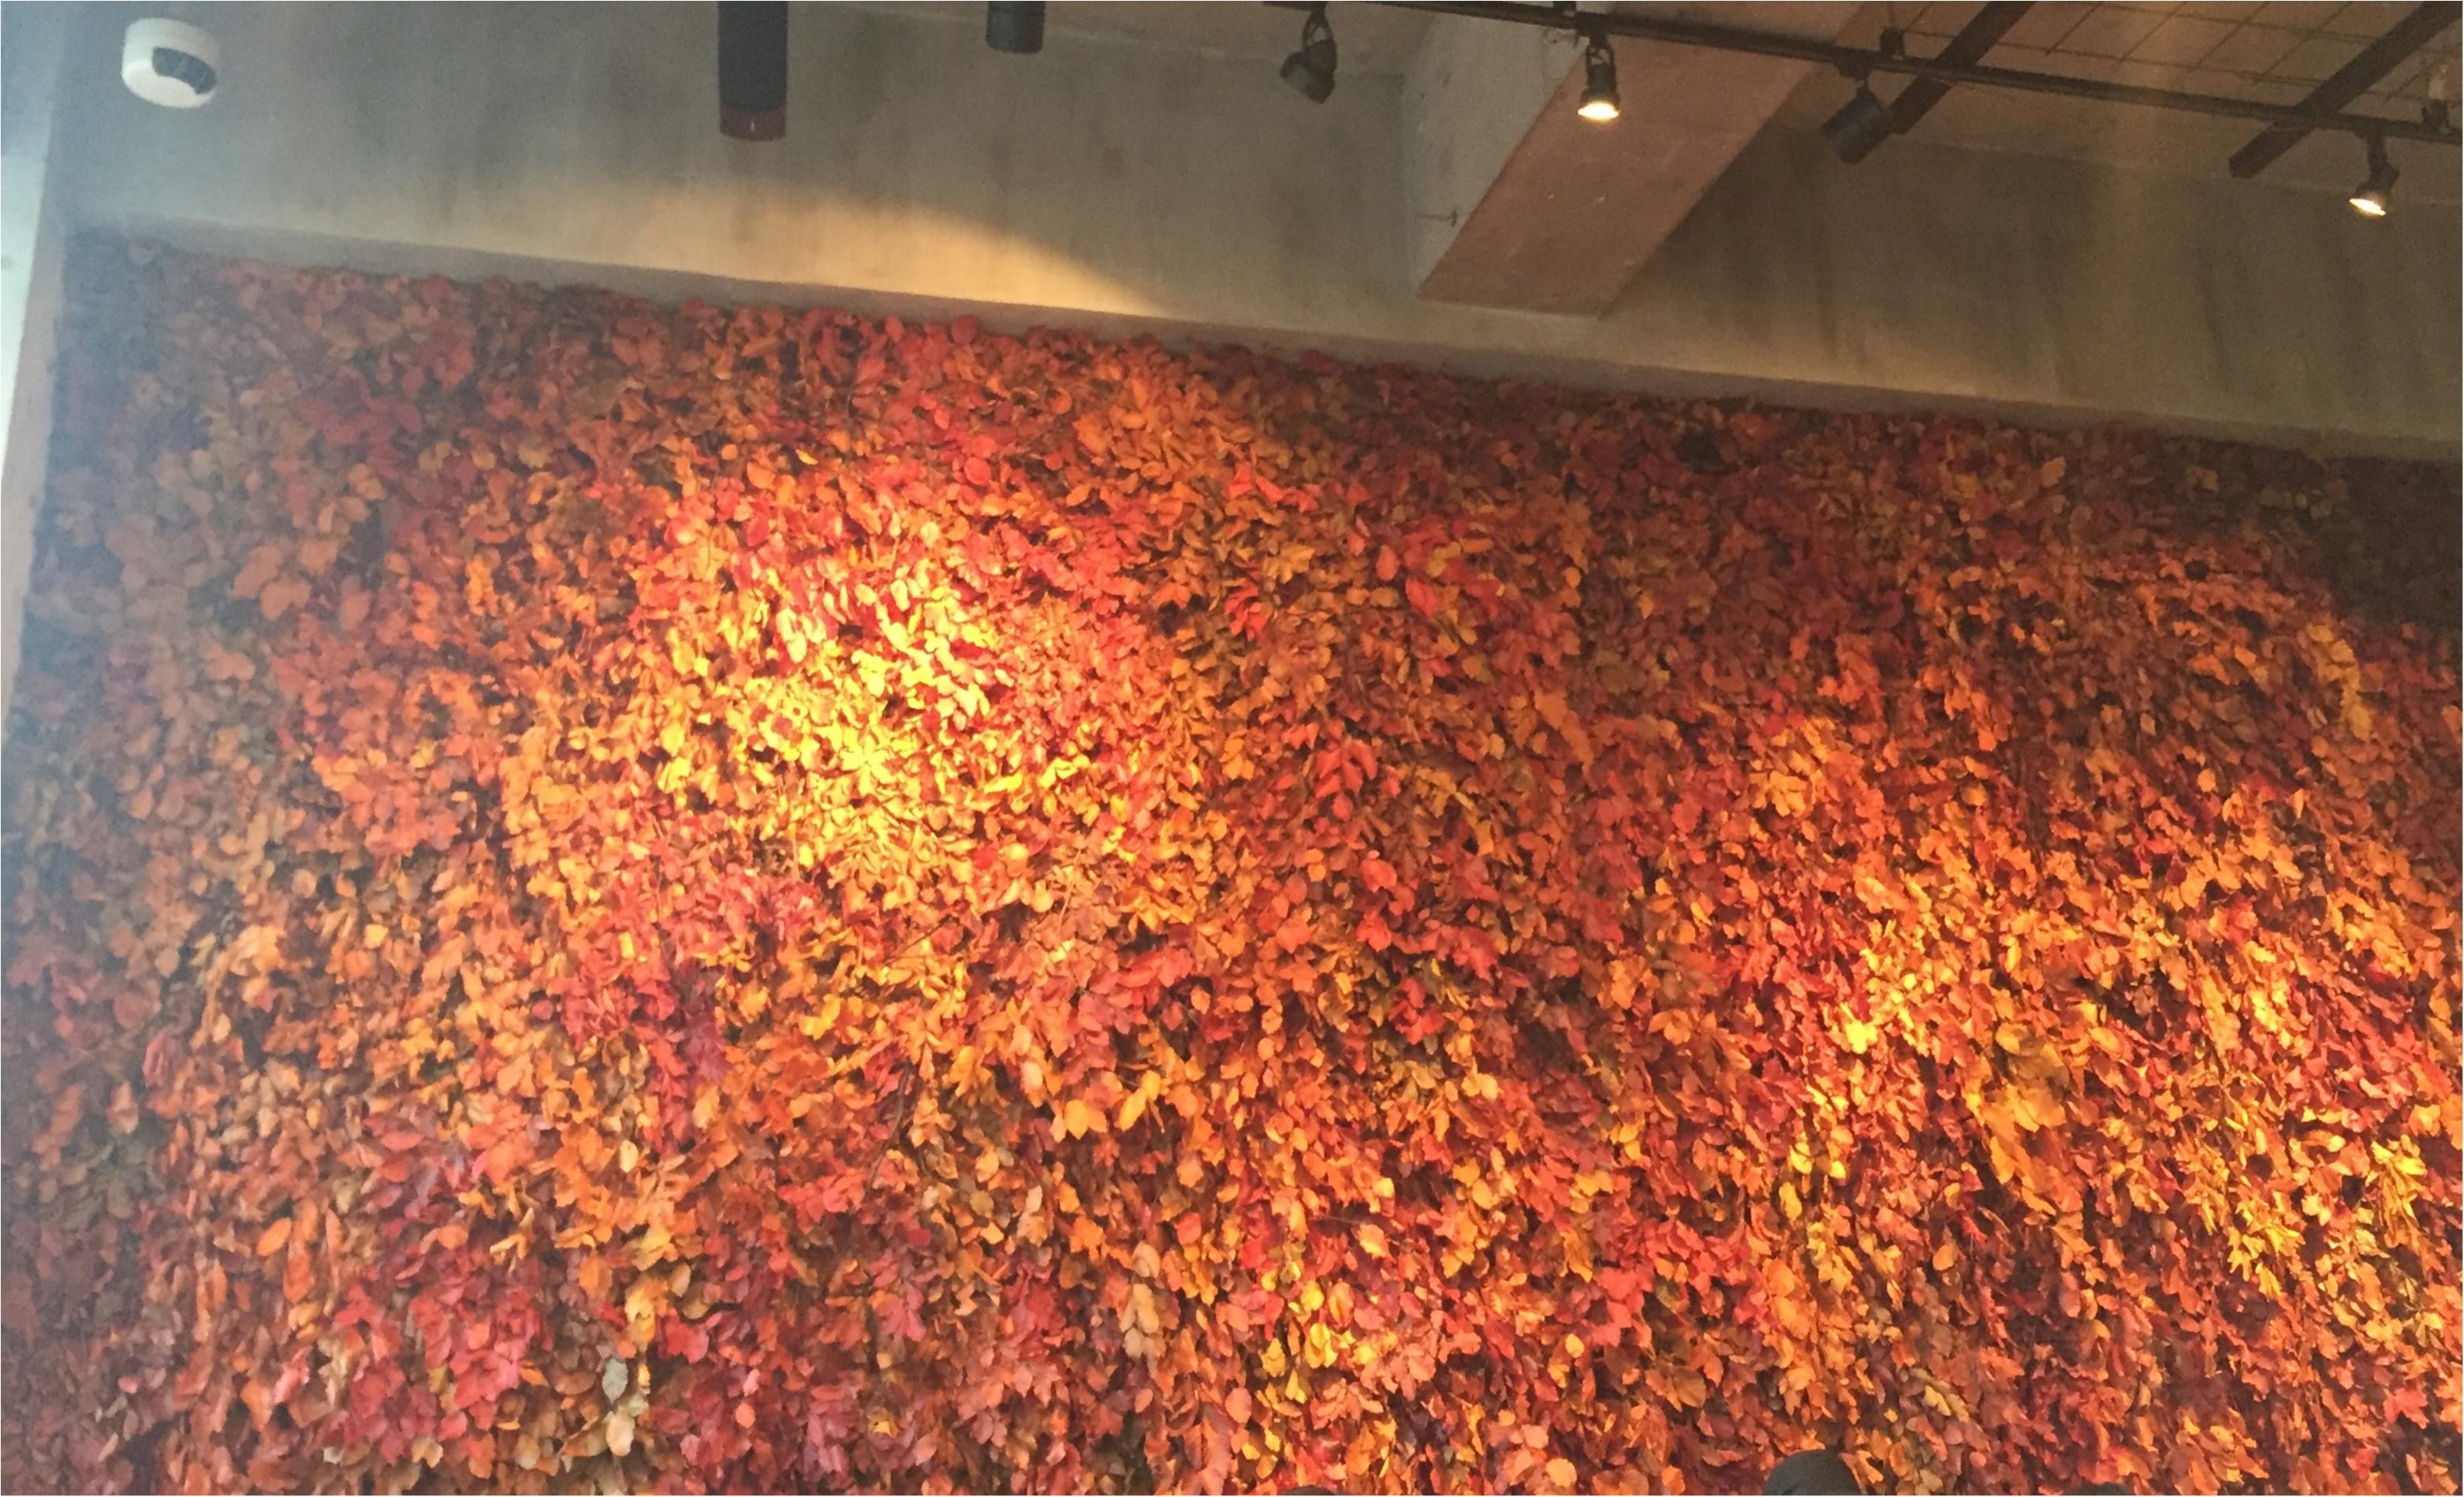 【表参道/CAFE】一足早い秋を感じたいならココ❤︎ニコライバーグマンカフェの秋仕様がとっても可愛いんです!_4